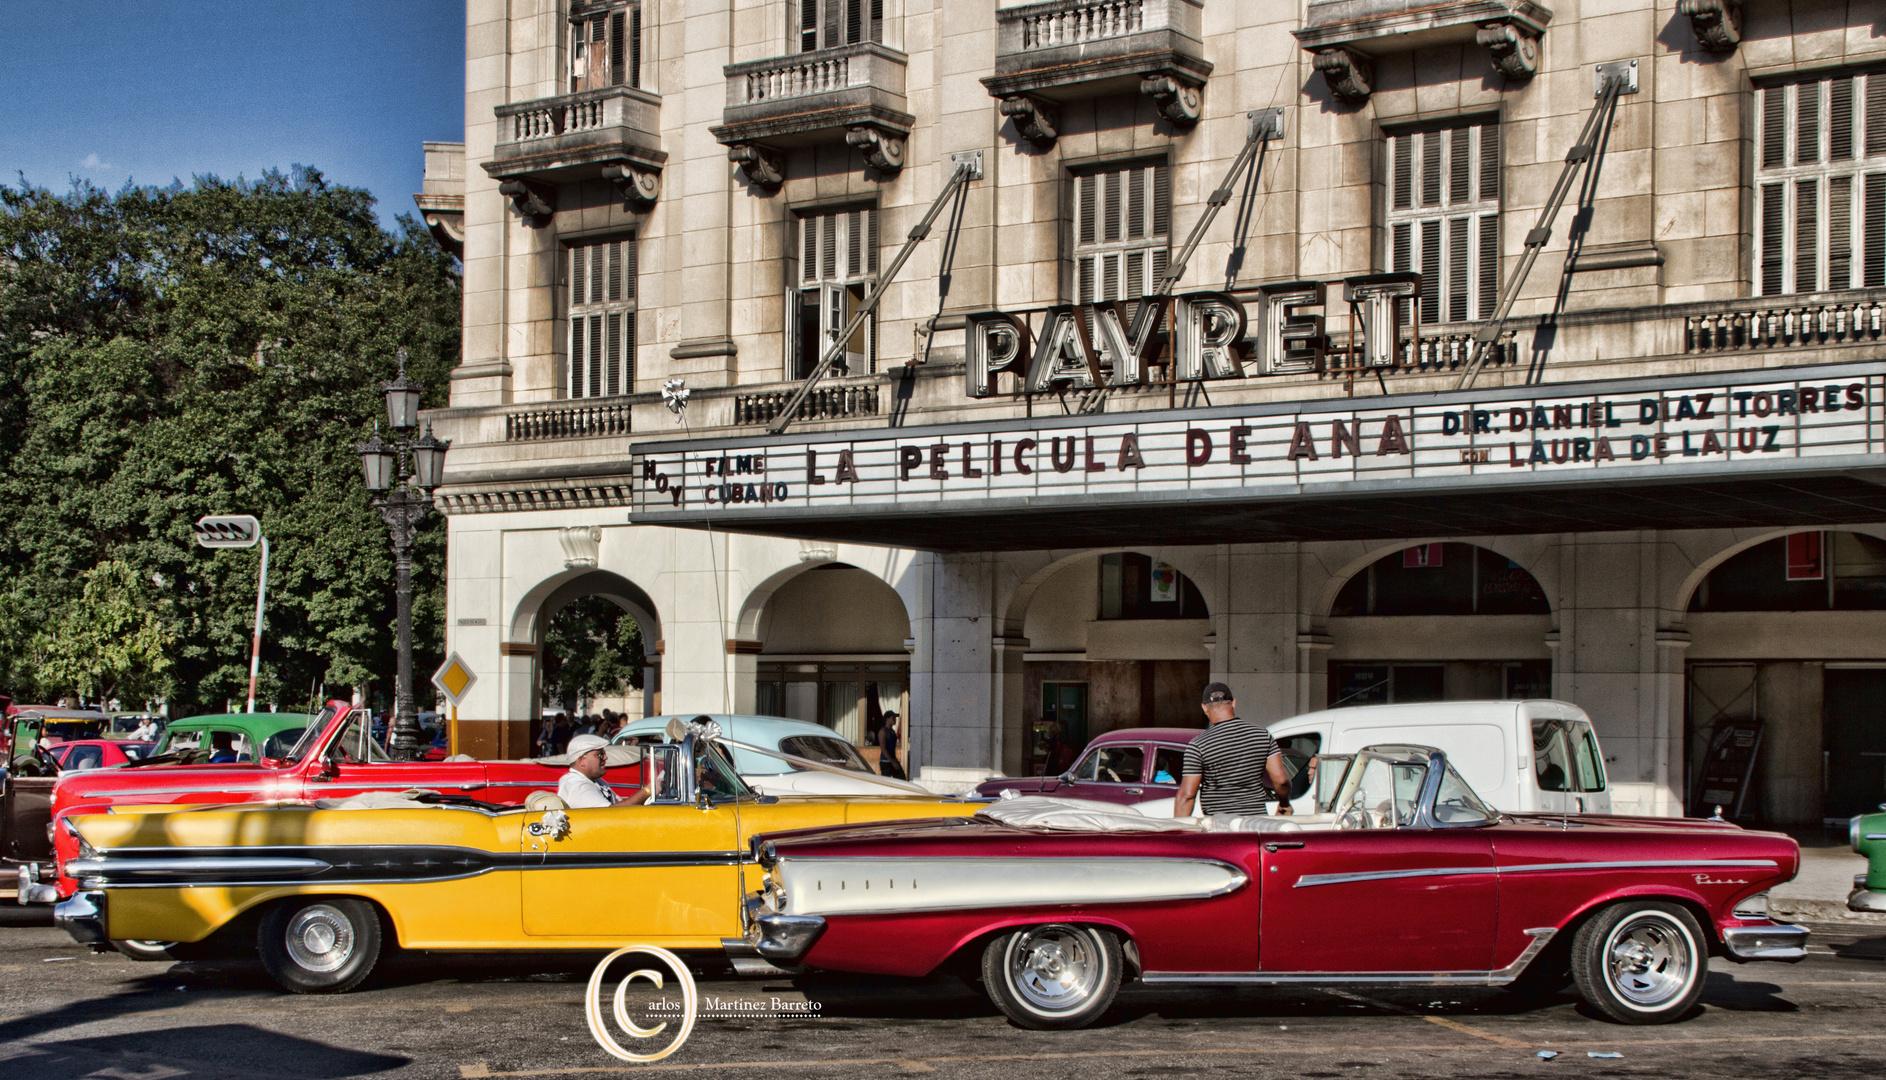 El Payret en mi Habana